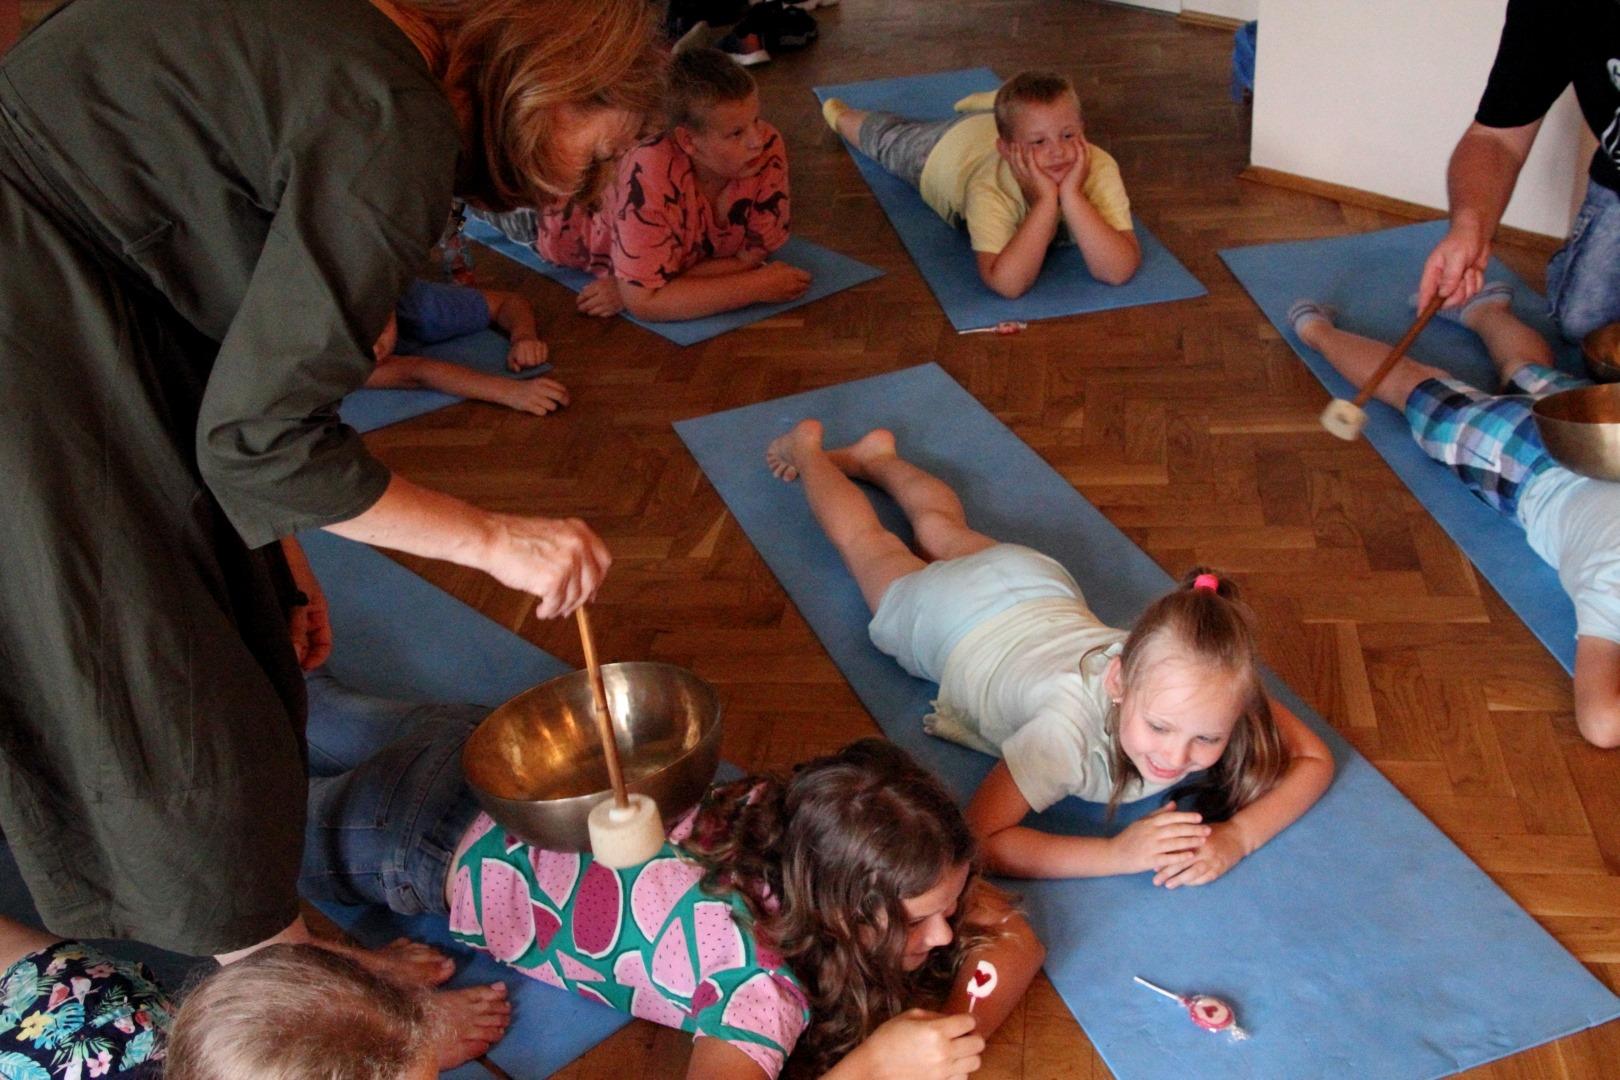 dzieci leżą na karimatach, nad dziewczynką pochyla się kobieta trzymająca w ręku pałeczkę z gąbki